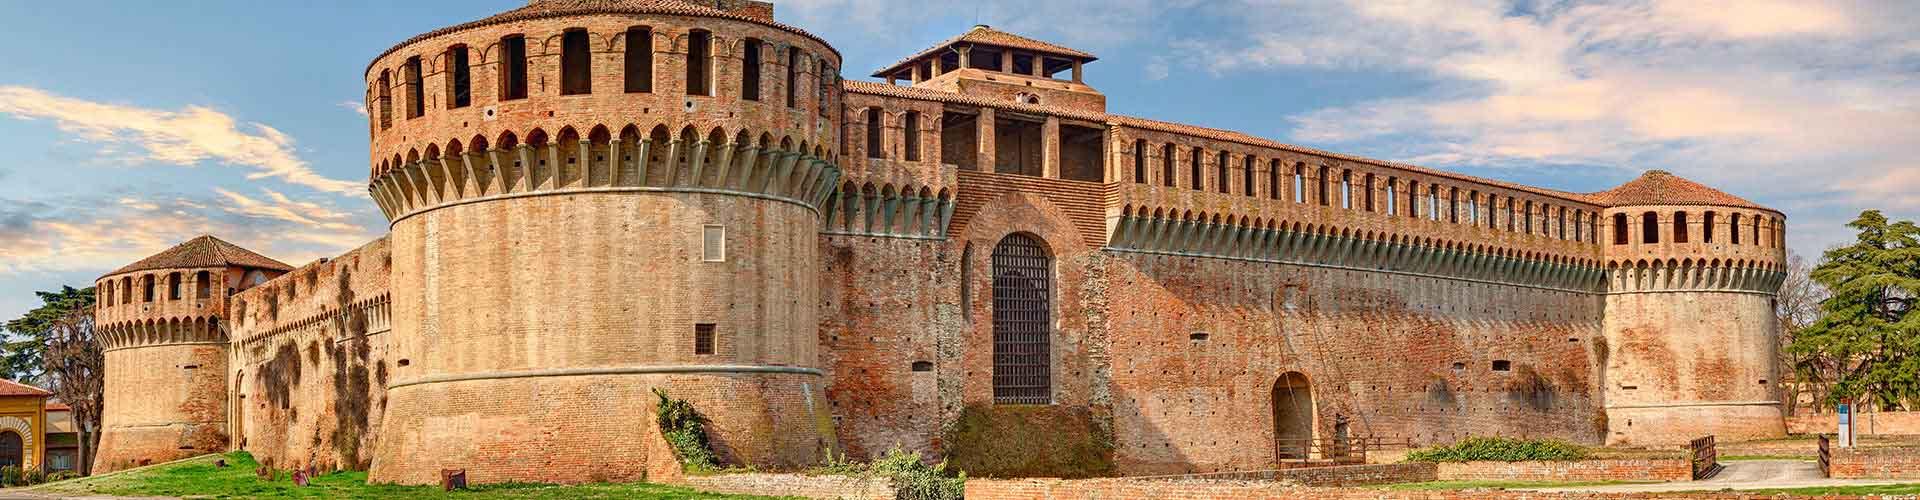 Bologna - Chambres pas chères dans le quartier de San Proloco. Cartes pour Bologna, photos et commentaires pour chaque chambre à Bologna.